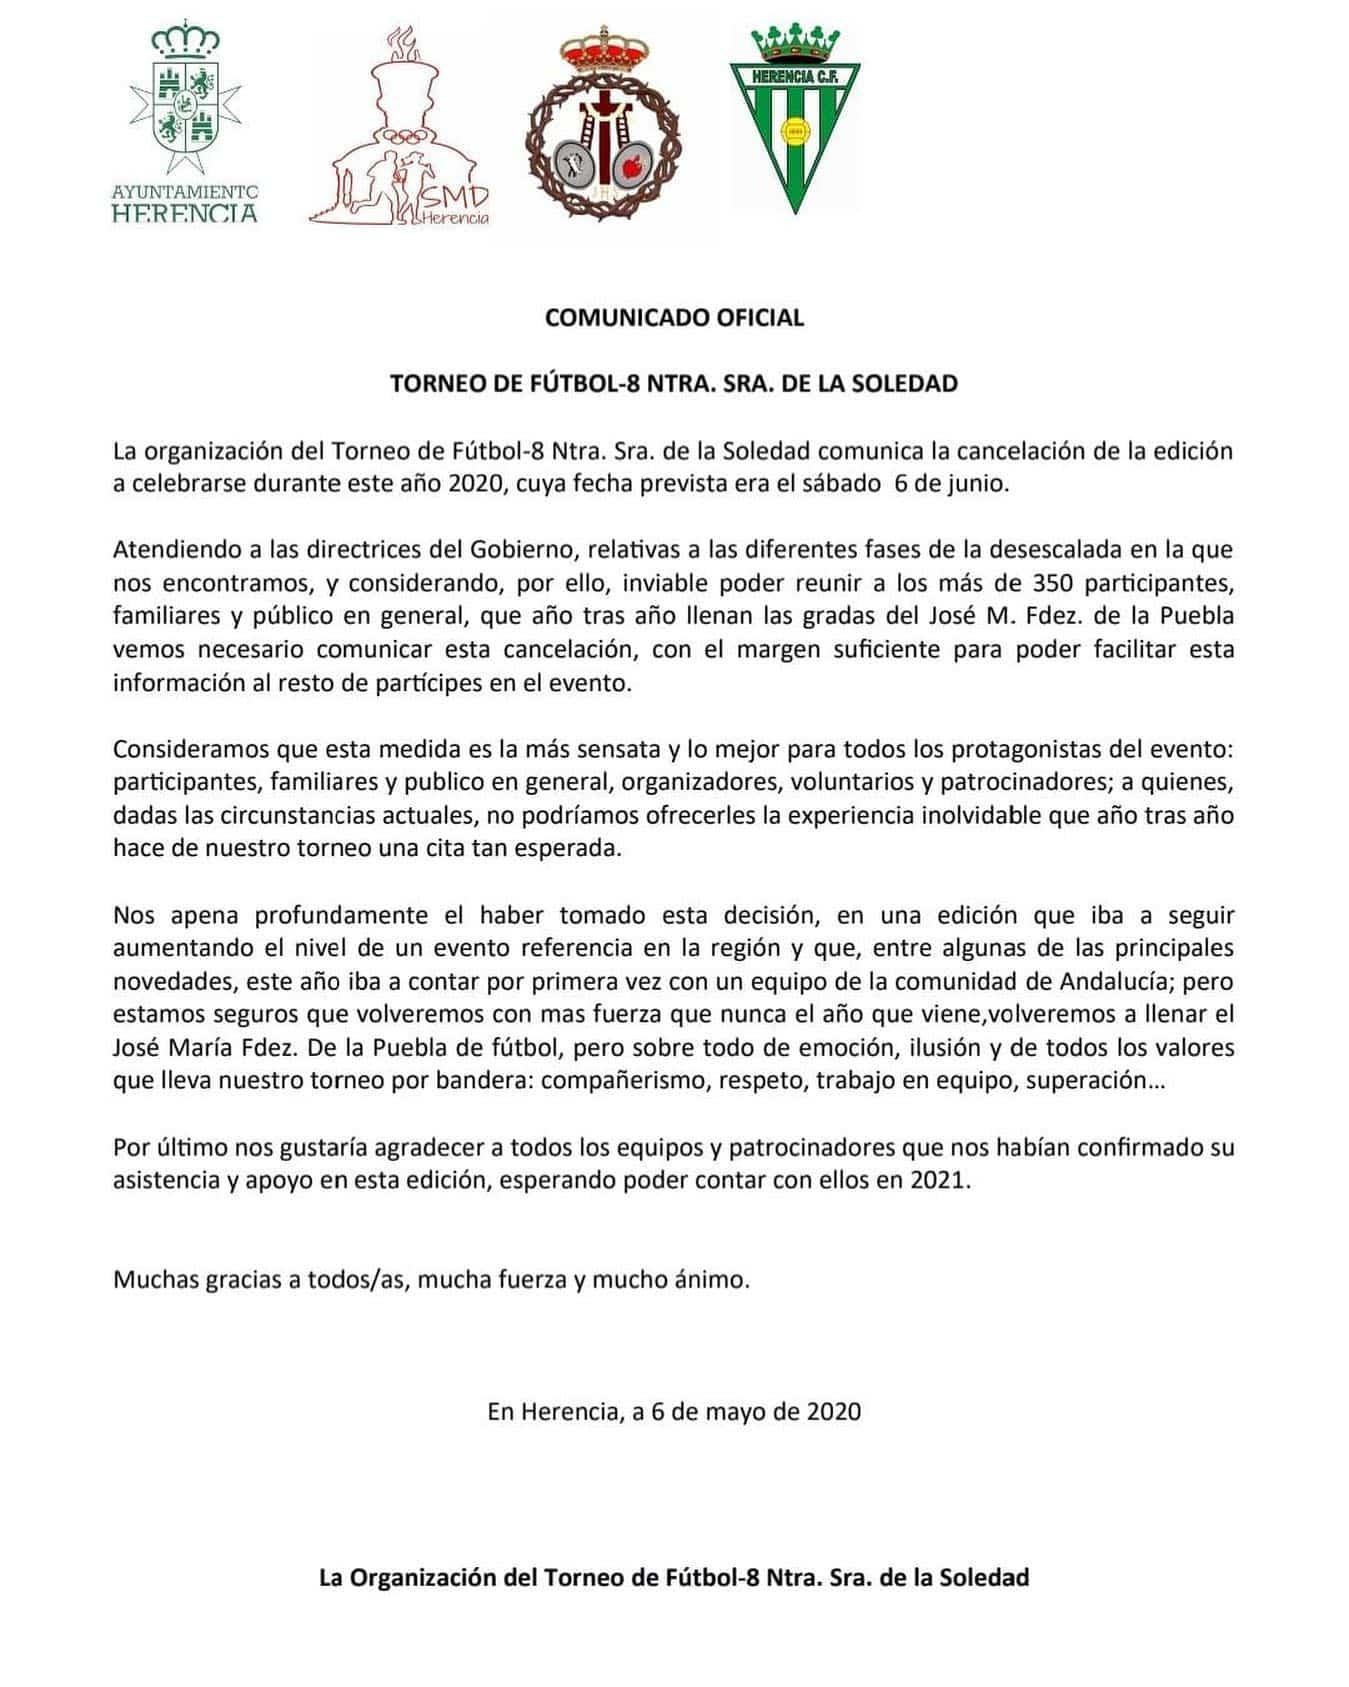 comunicado oficial torneo futbol 8 - Cancelación del Torneo de fútbol-8 Nuestra Señora de la Soledad en 2020